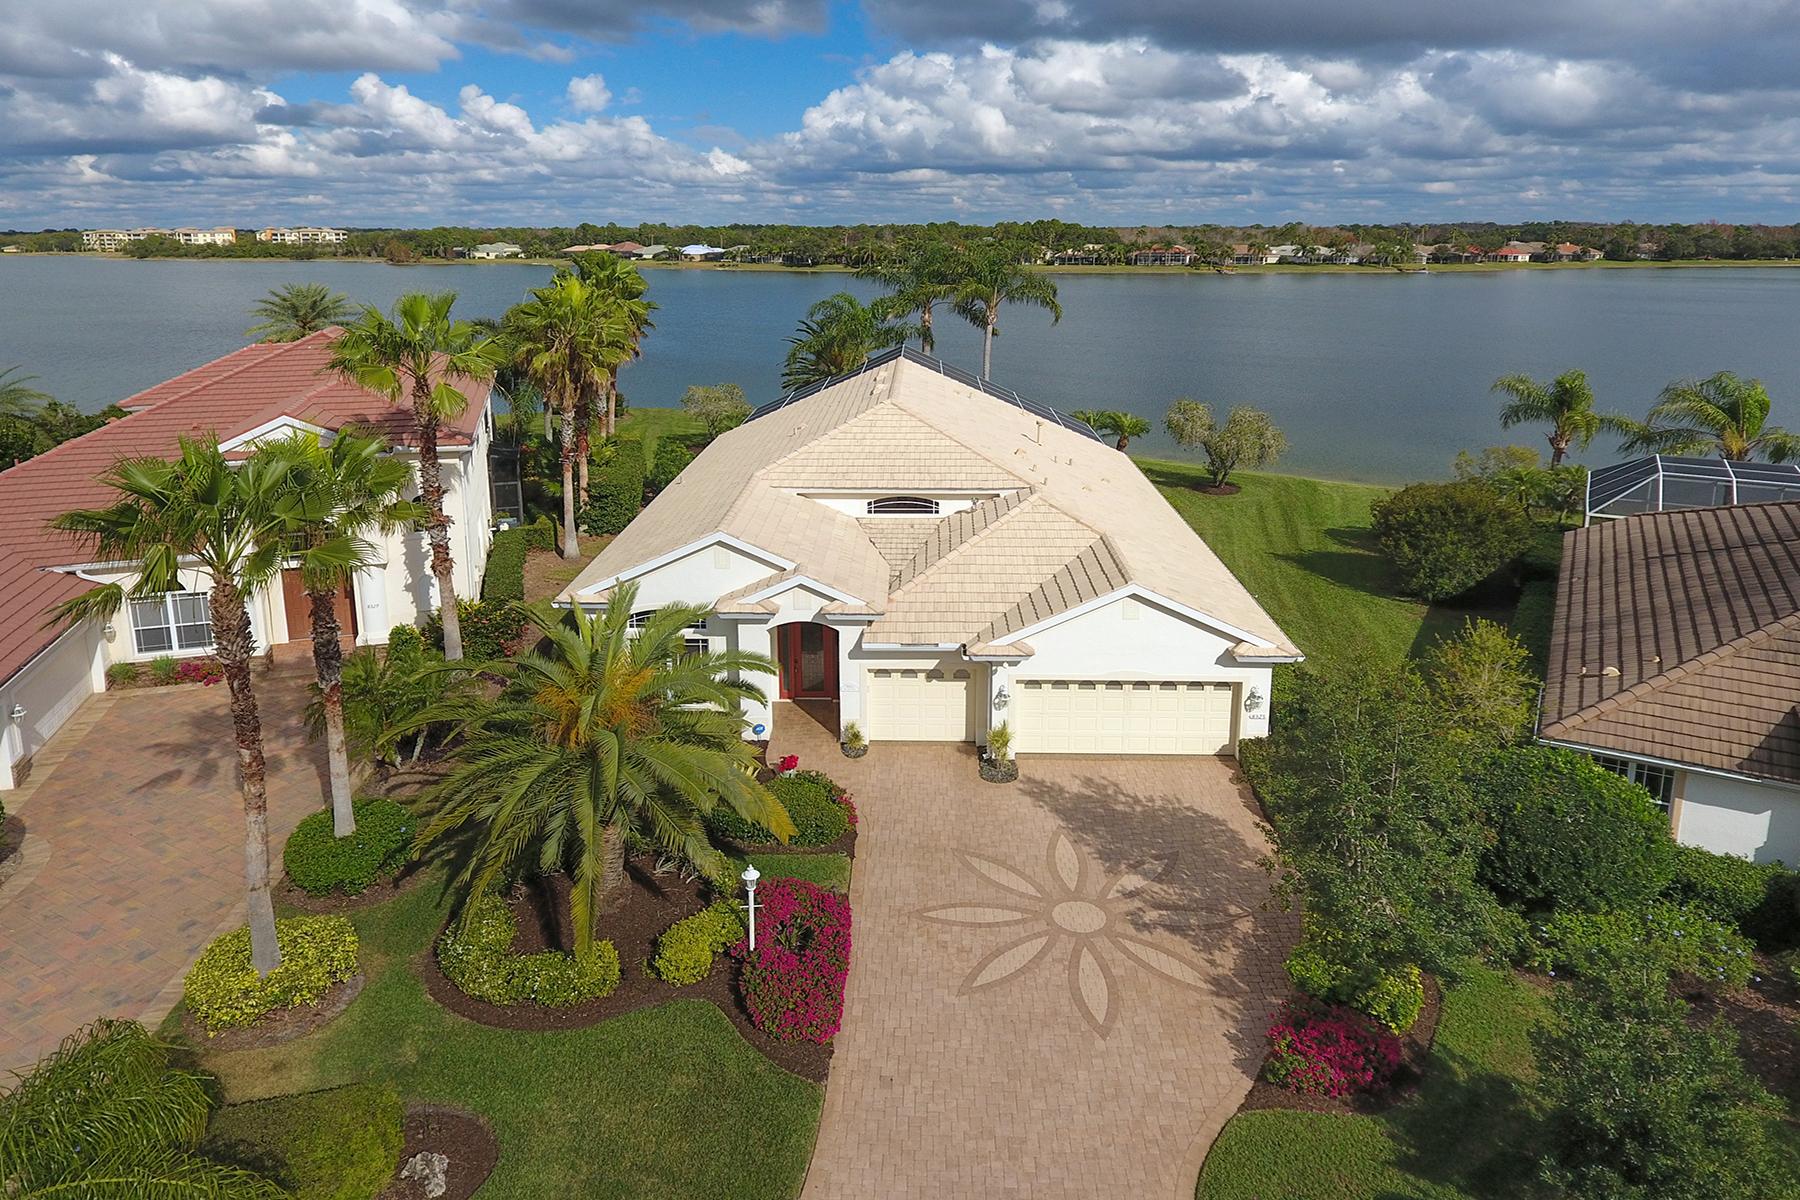 独户住宅 为 销售 在 EDGEWATER VILLAGE 8325 Sailing Loop, 莱克伍德牧场, 佛罗里达州, 34202 美国